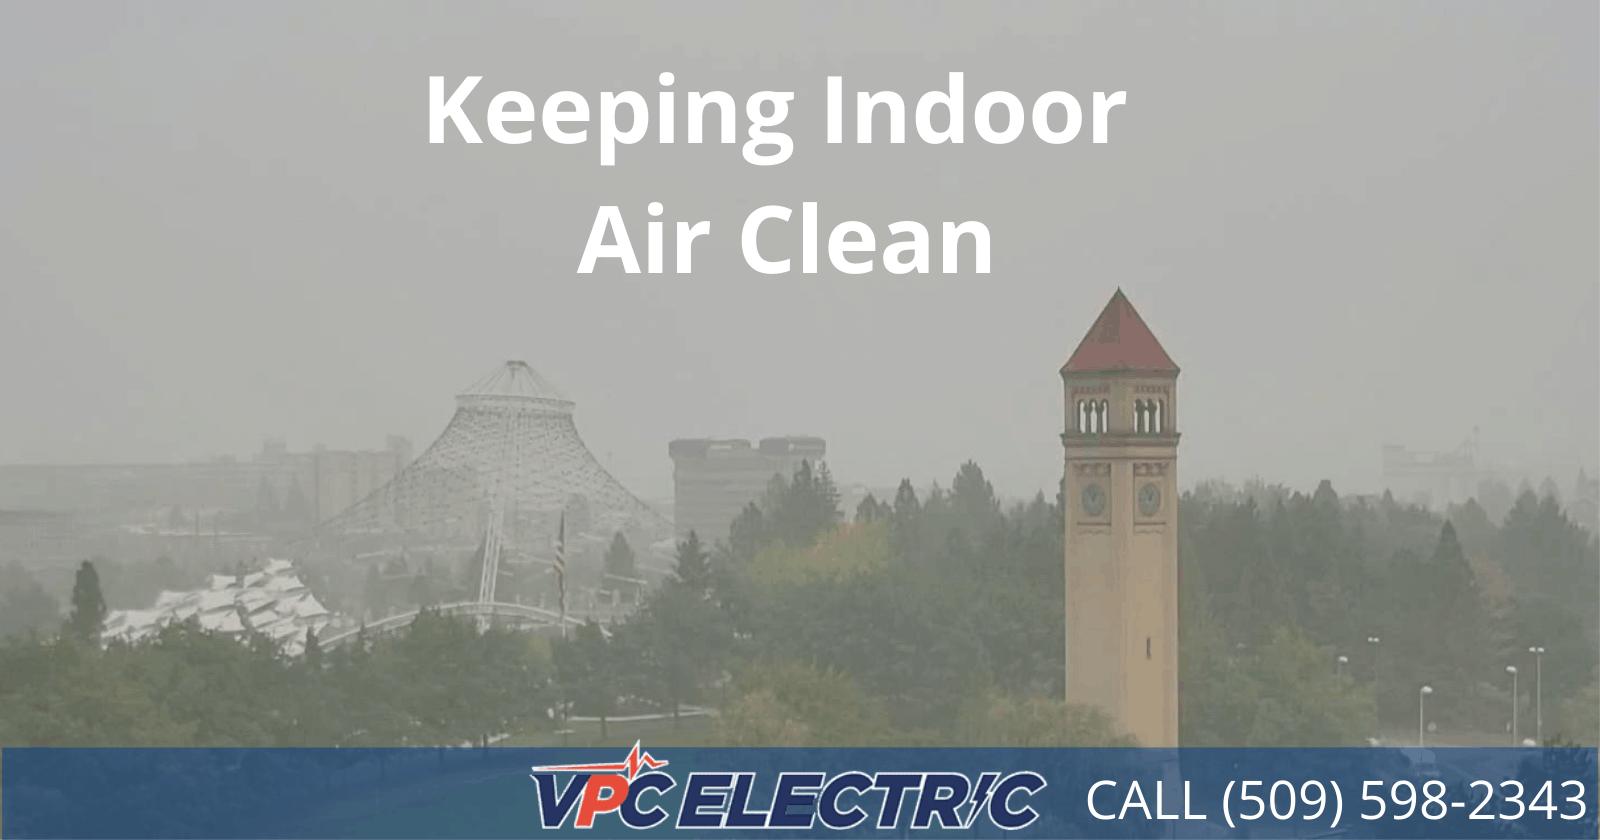 keeping indoor air clean in Spokane_blog header